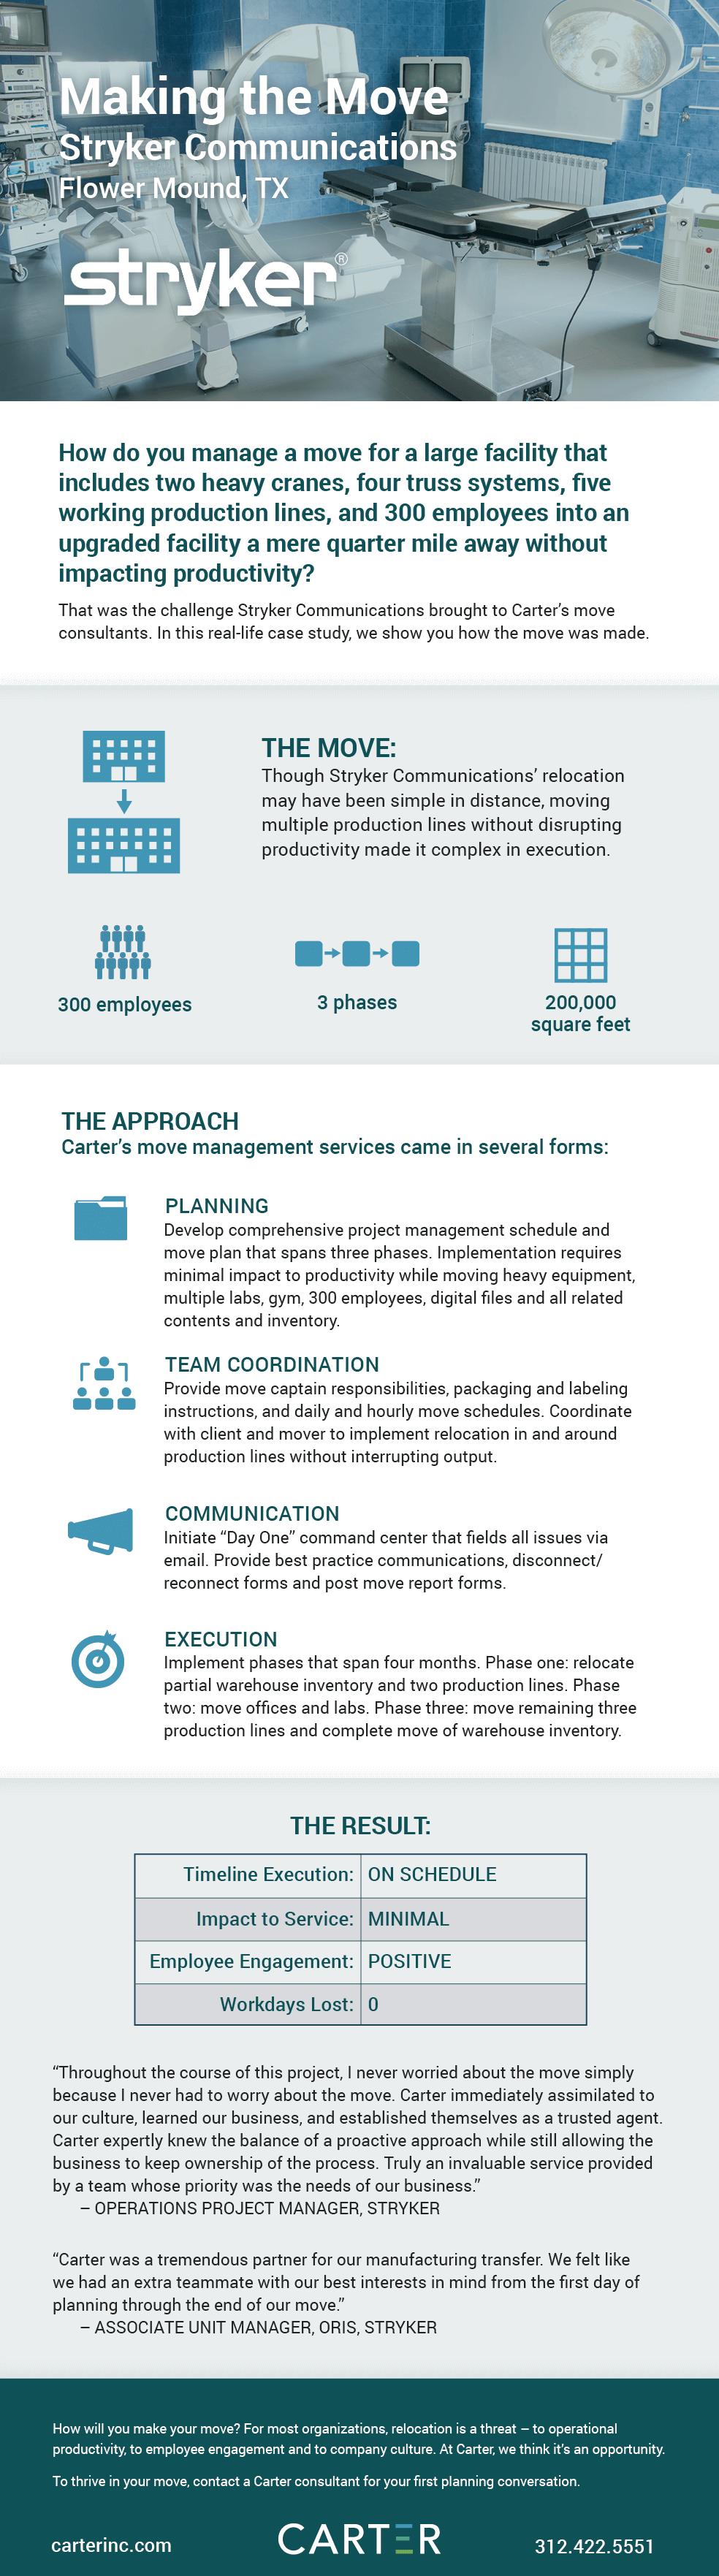 carterinc-stryker-infographic-desktop